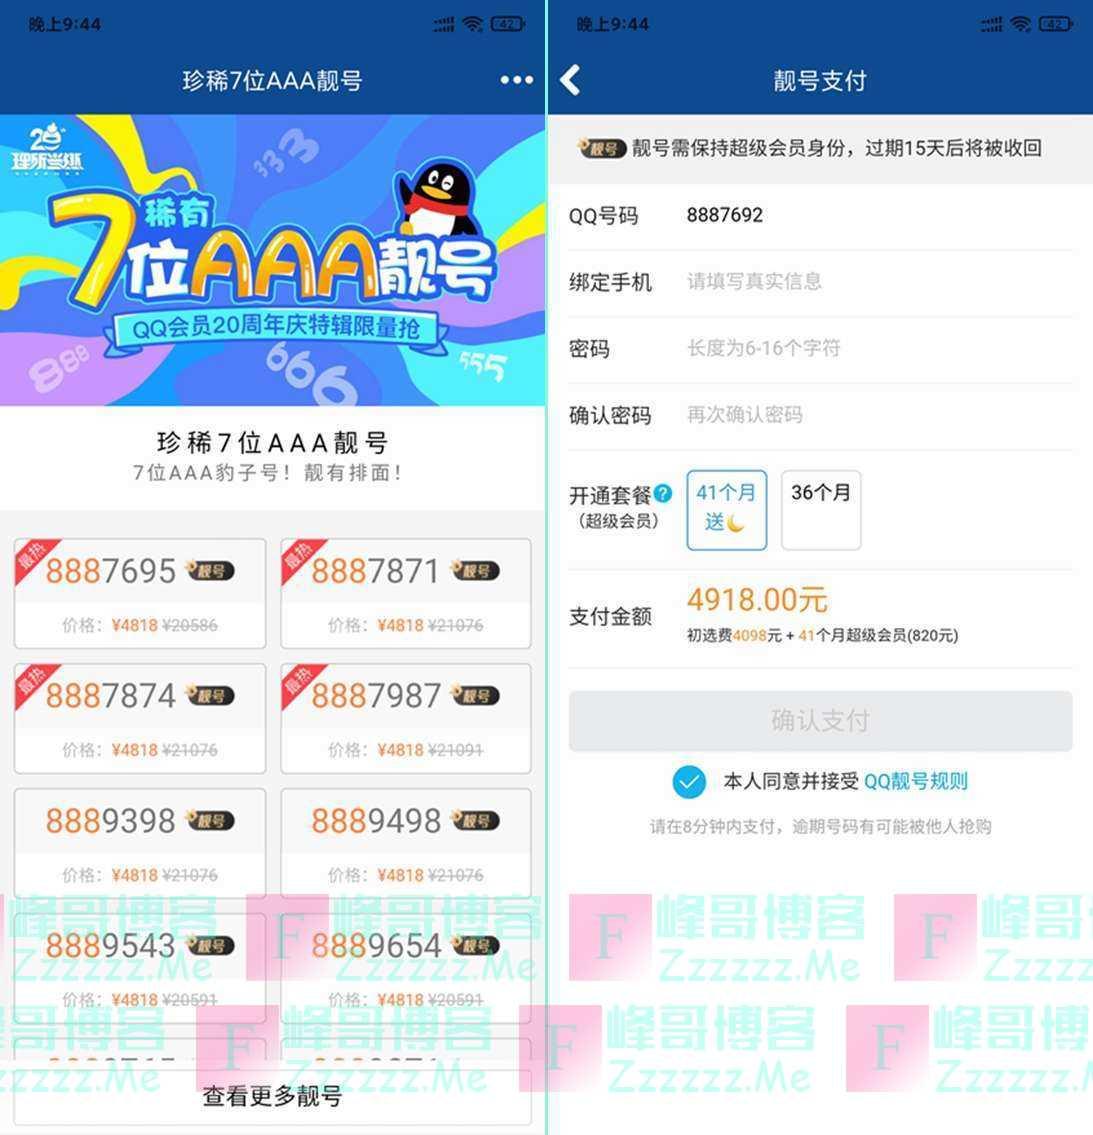 腾讯QQ开放7位3A豹子靓号购买 7位QQ豹子靓号只需4818元!